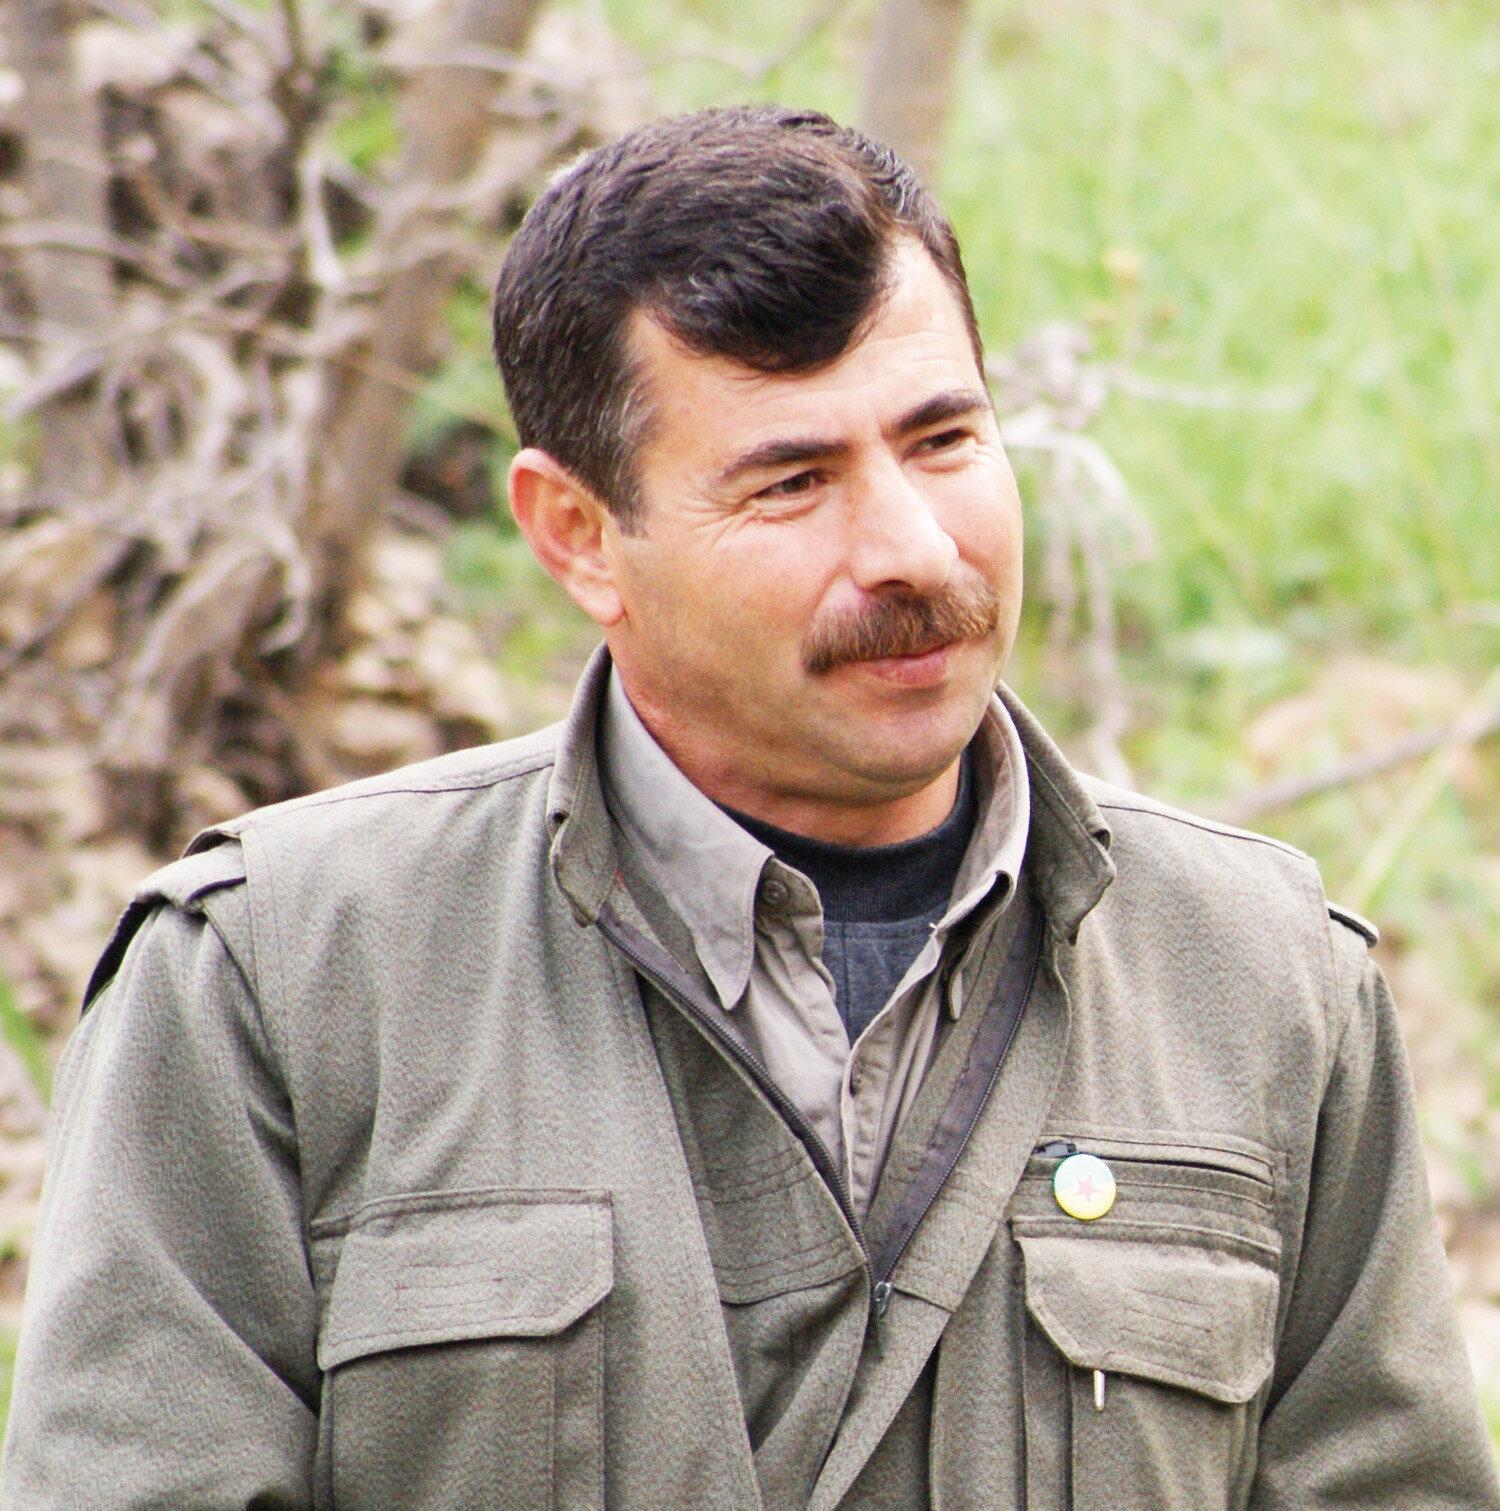 Terörist itirafçı oldu: PKK'lıları hâlâ ABD eğitiyor! - Yeni Şafak